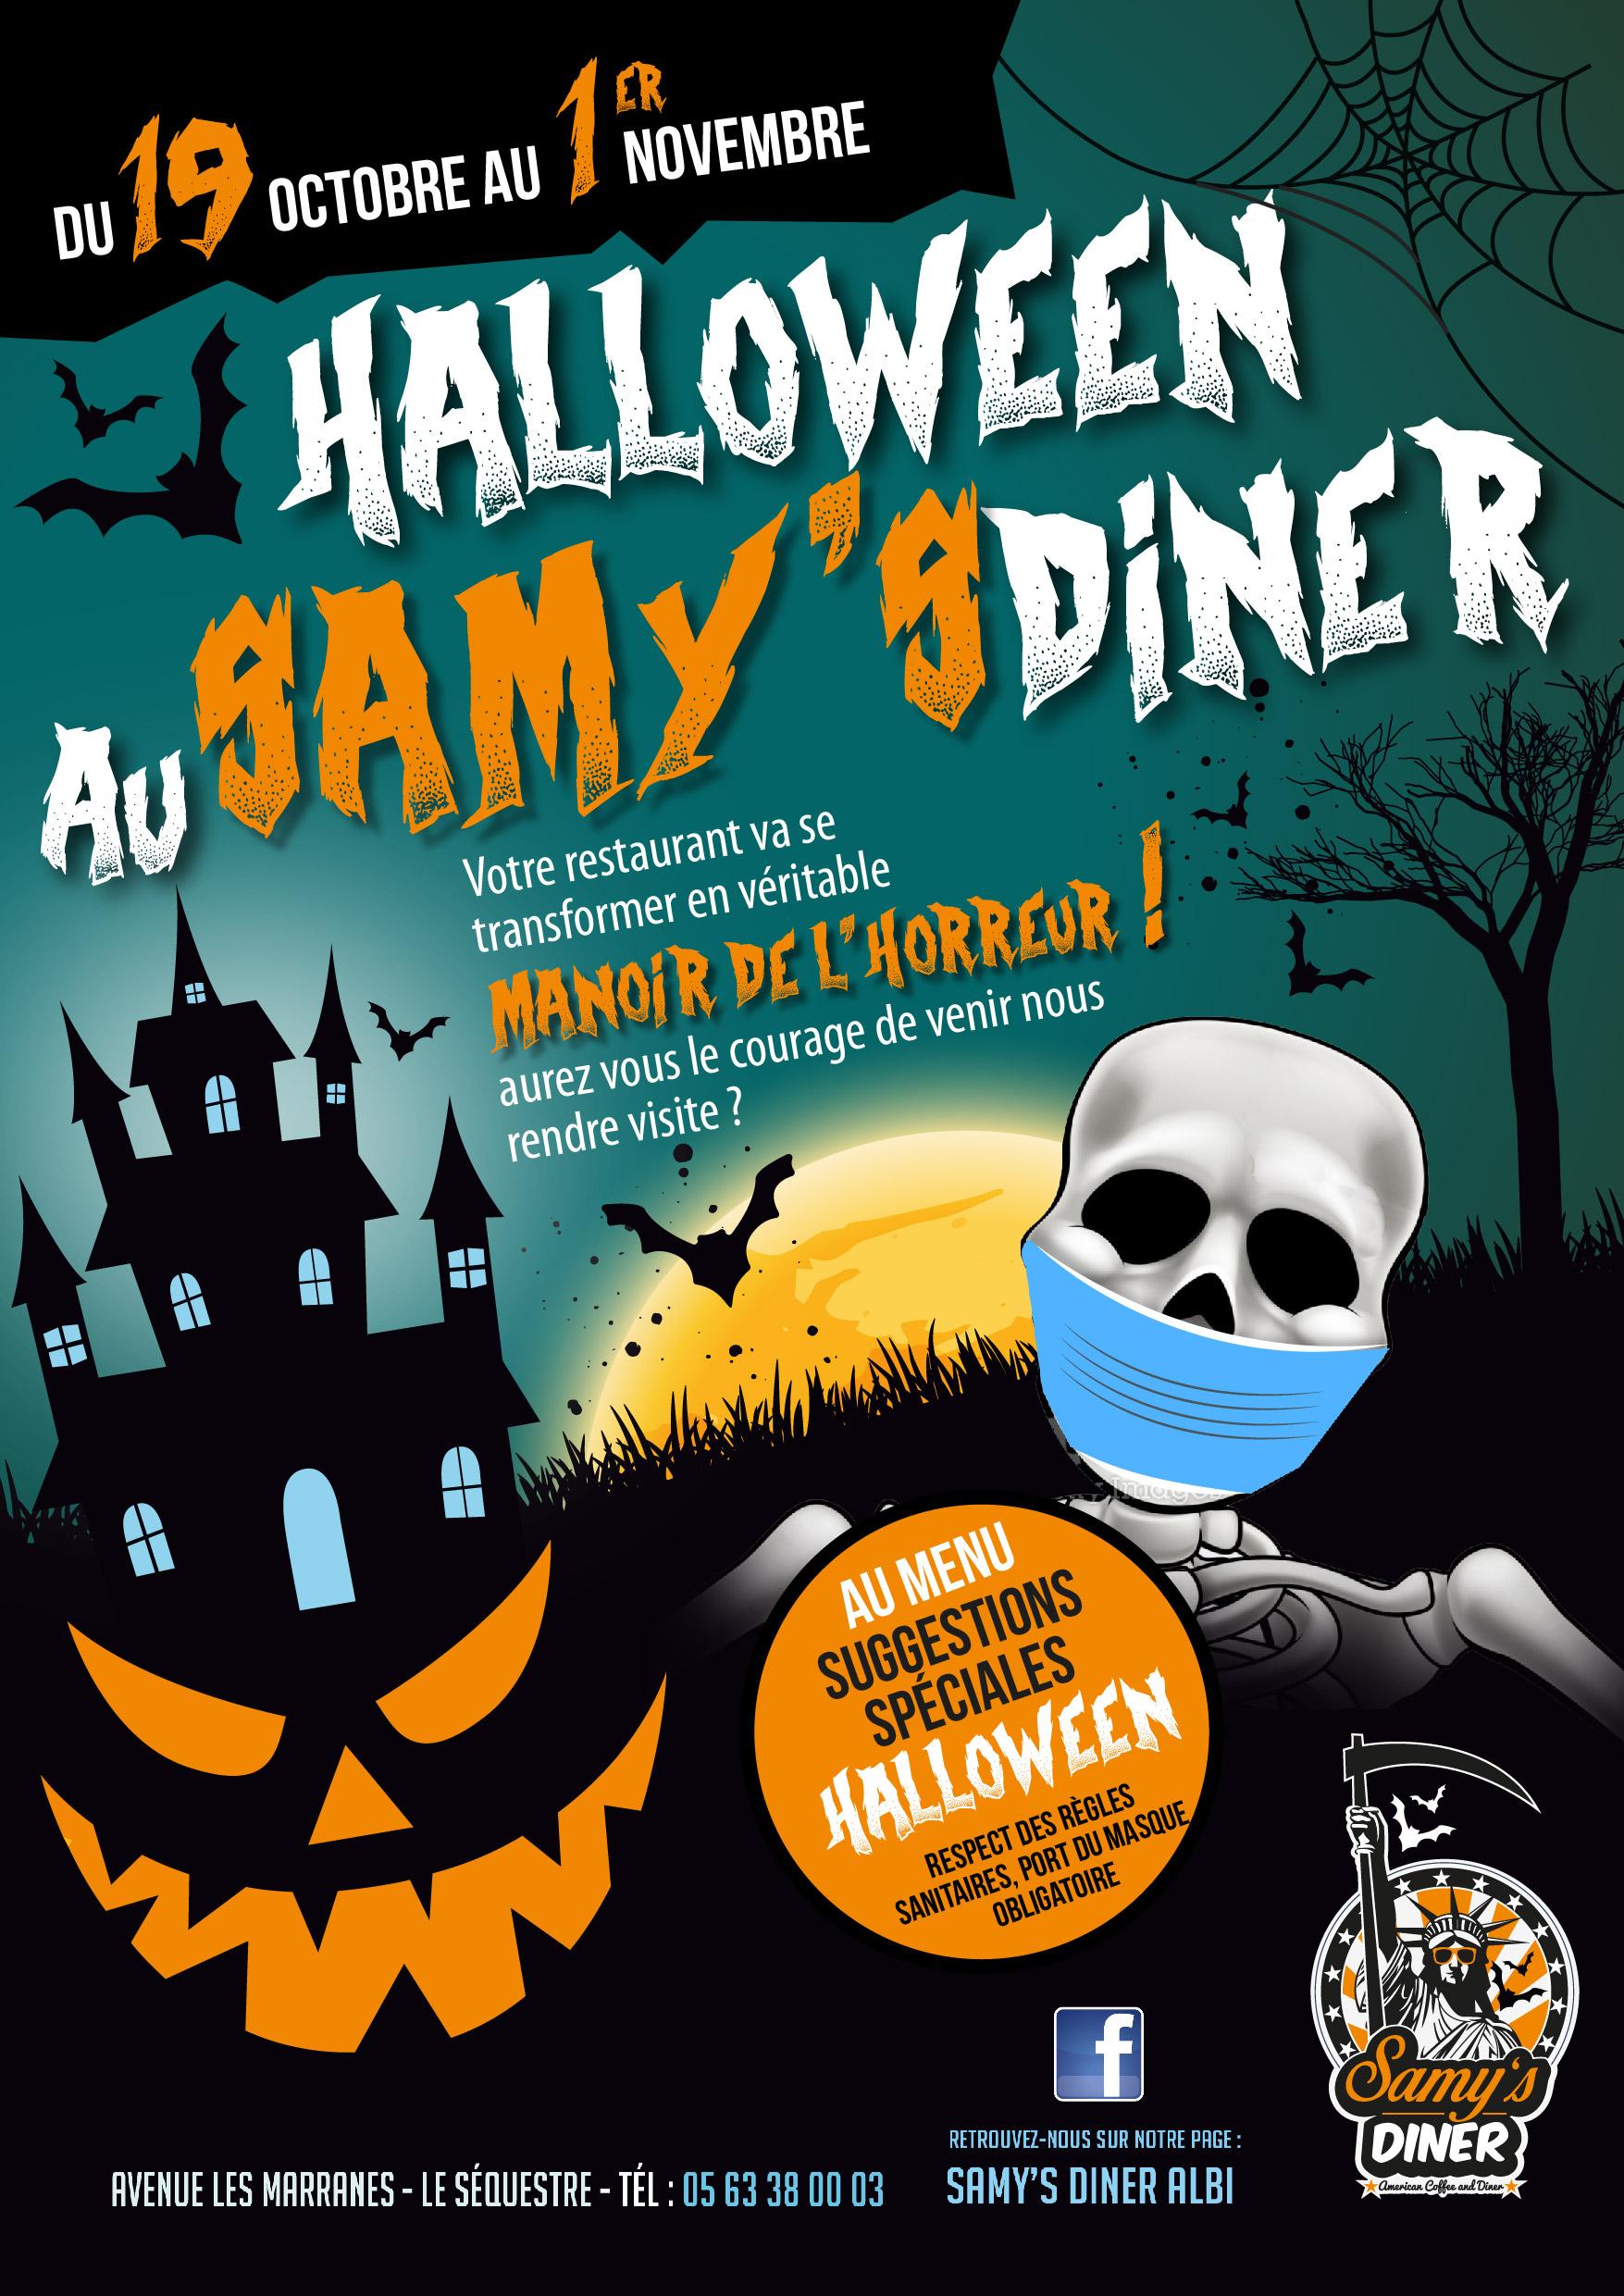 Restaurant Samy's diner NON STOP DE 9H A MINUIT